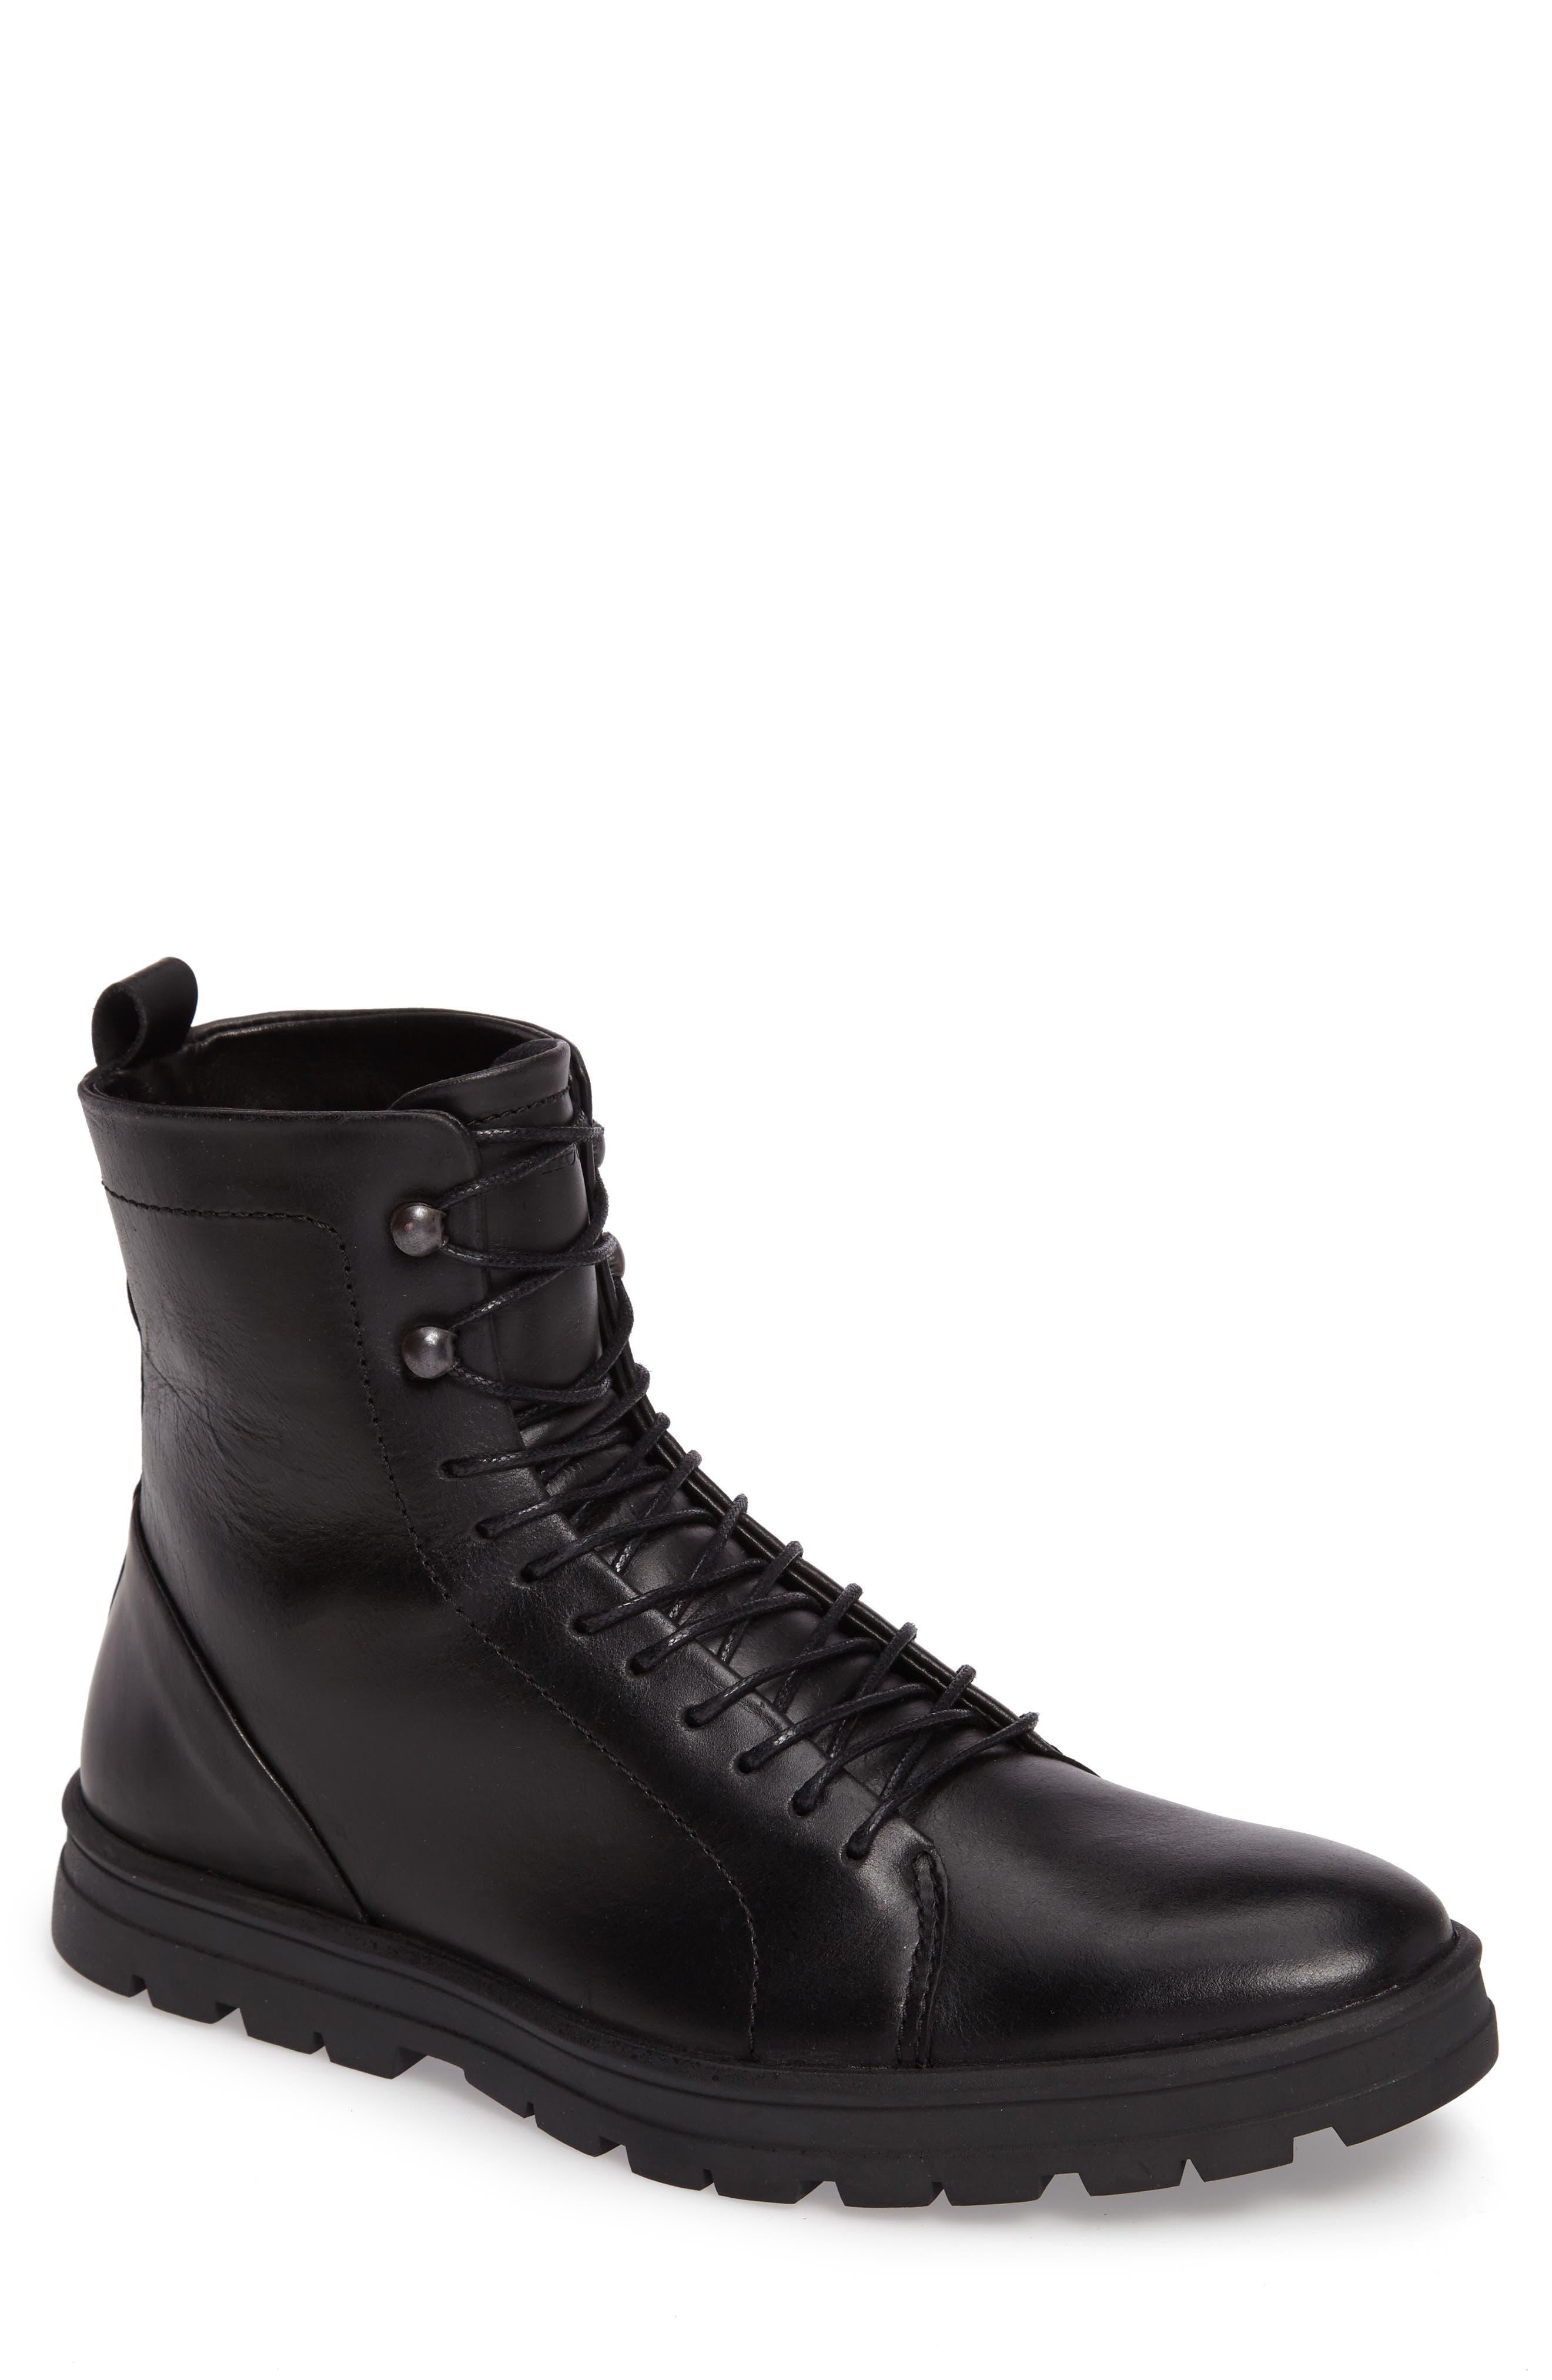 Hudson Waterproof Tall Boot,                             Main thumbnail 1, color,                             001